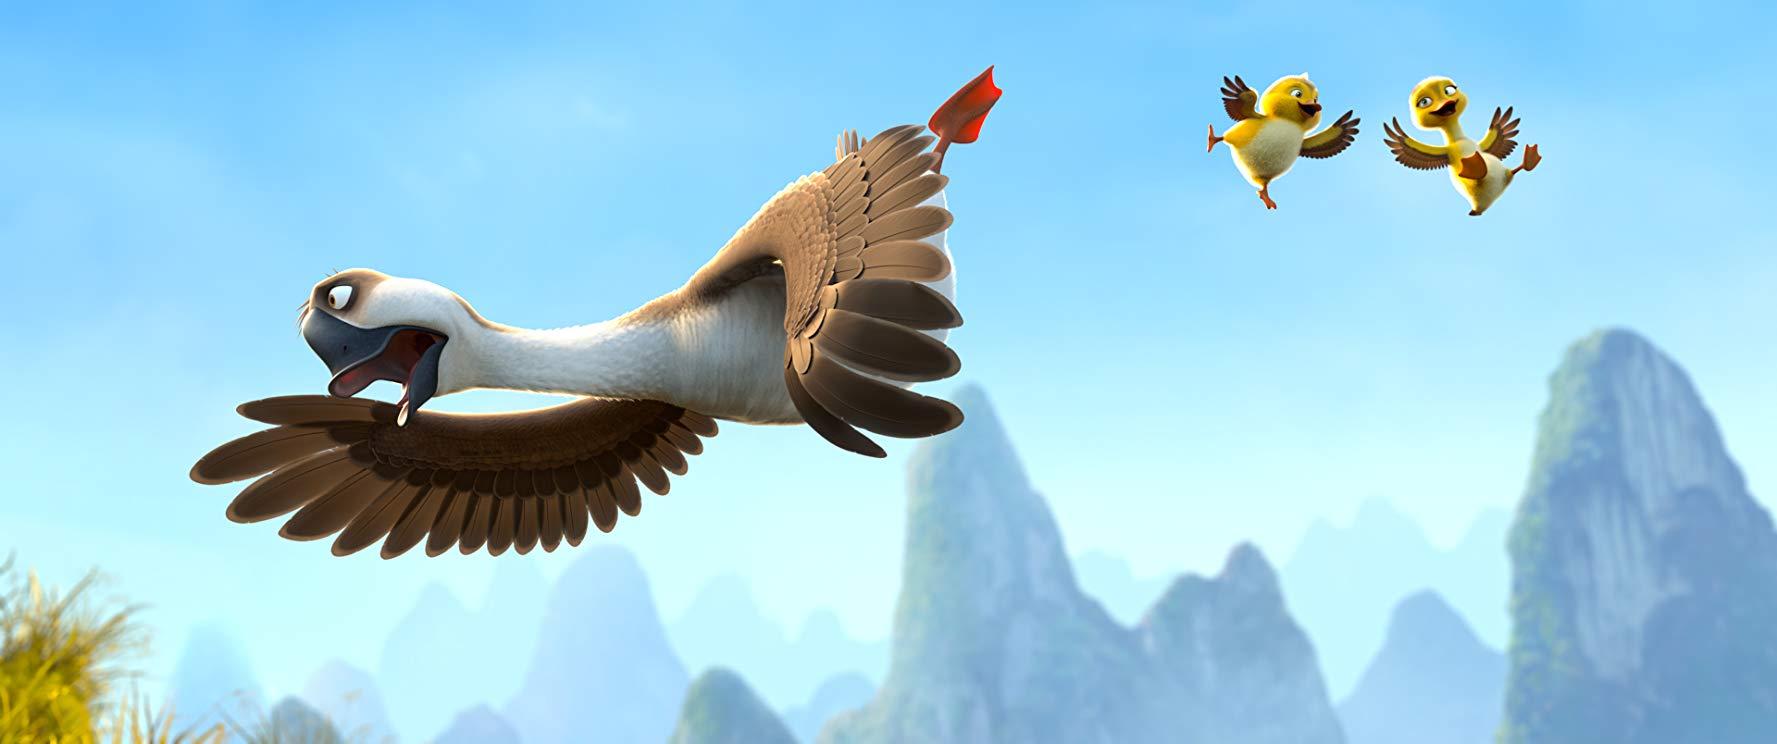 Duck Duck Goose (Destination Pékin)